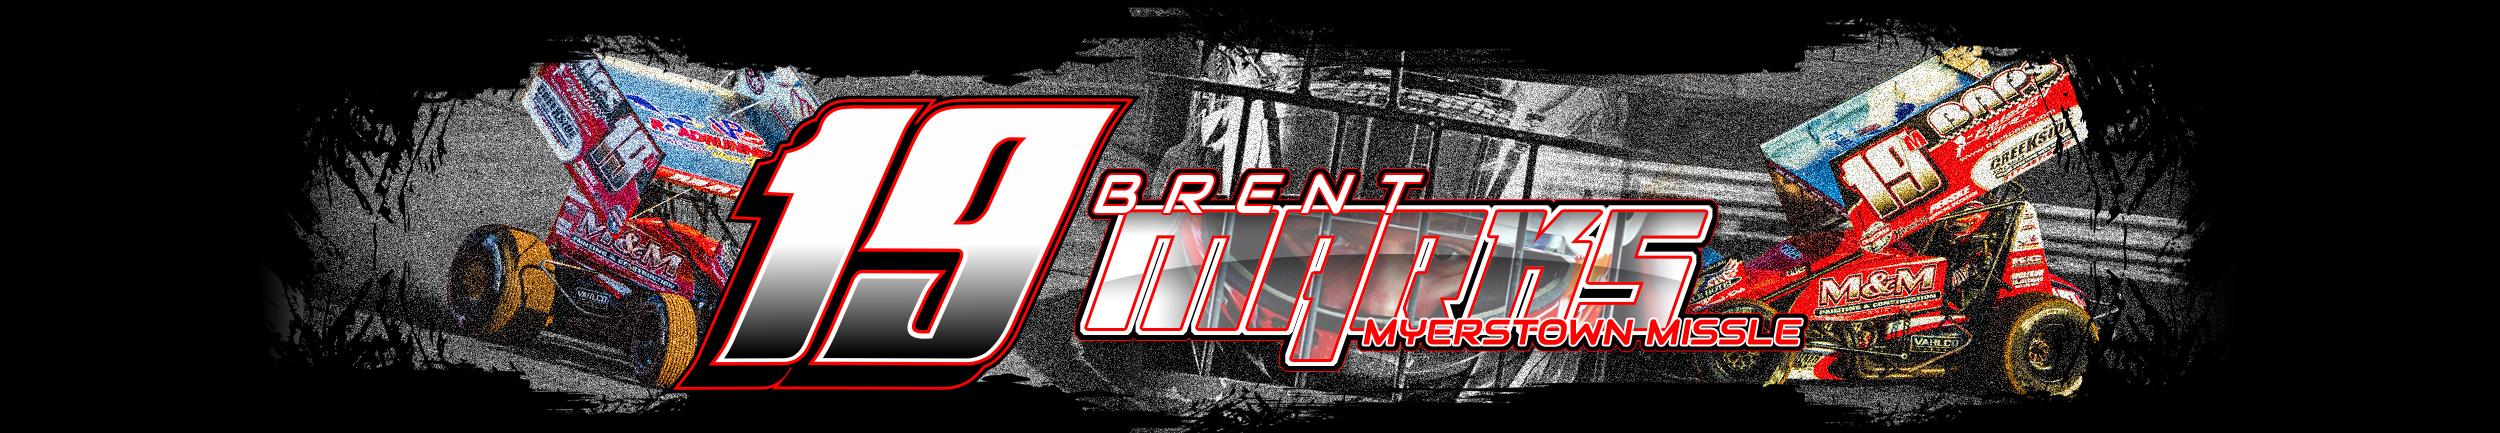 #19 Brent Marks